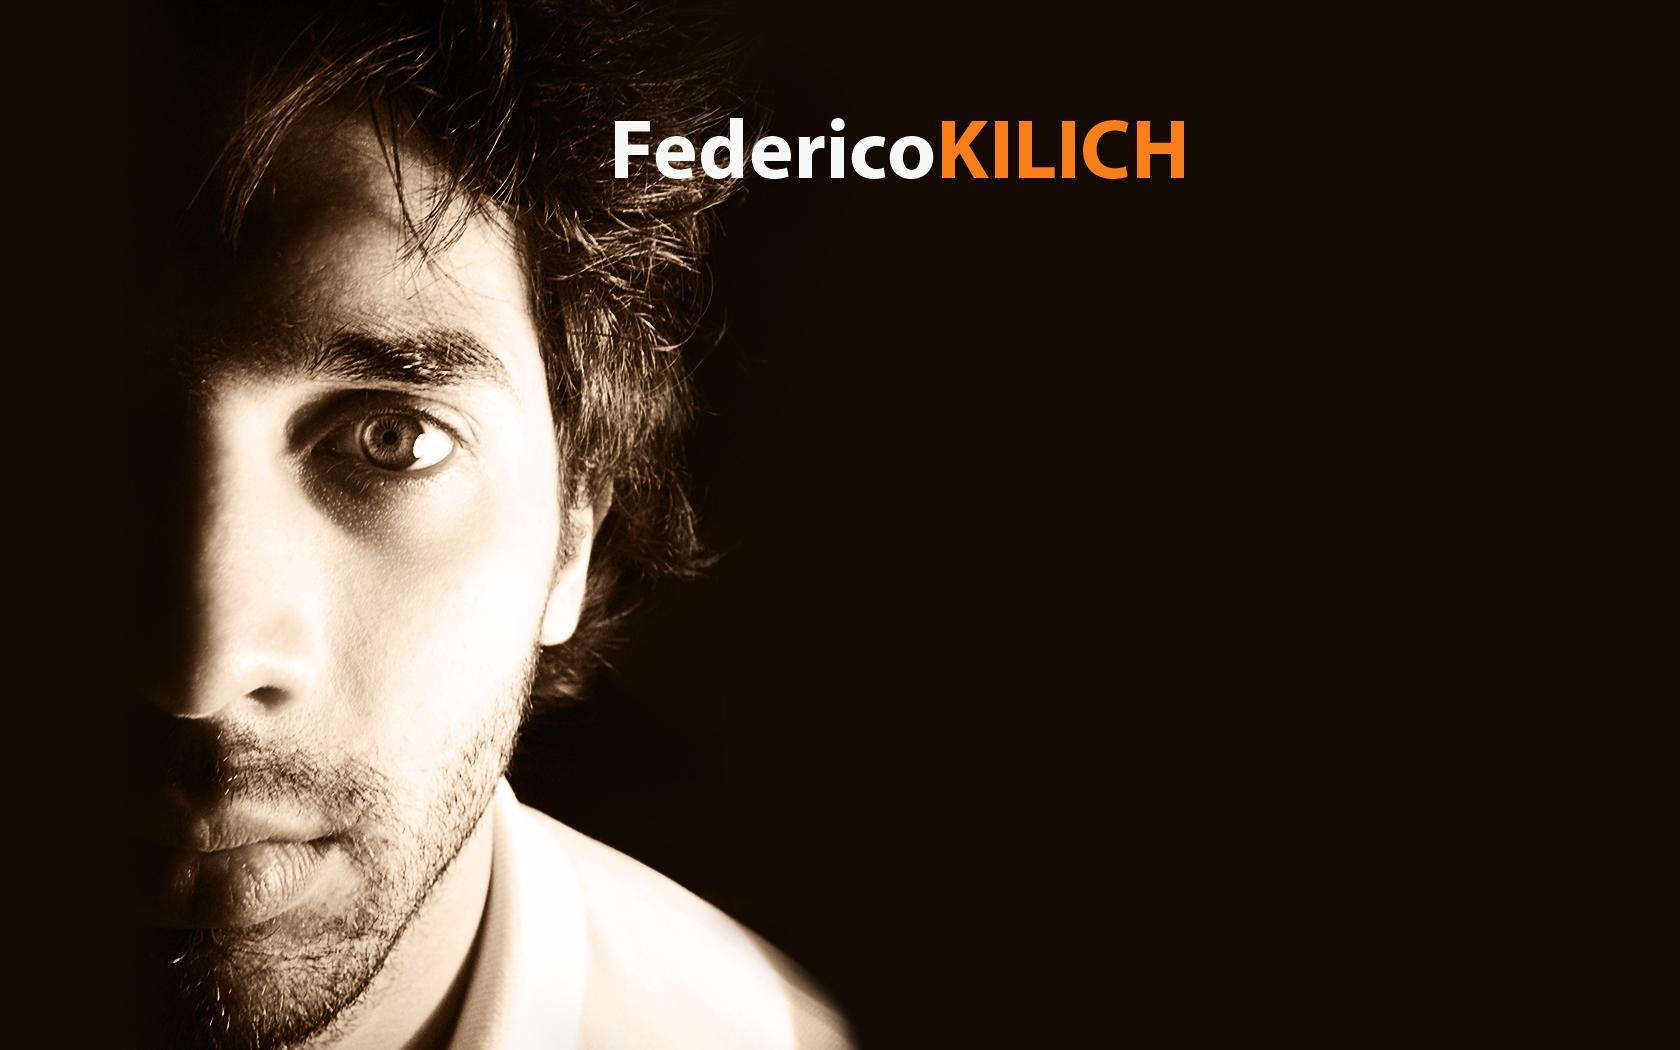 Fede Kilich